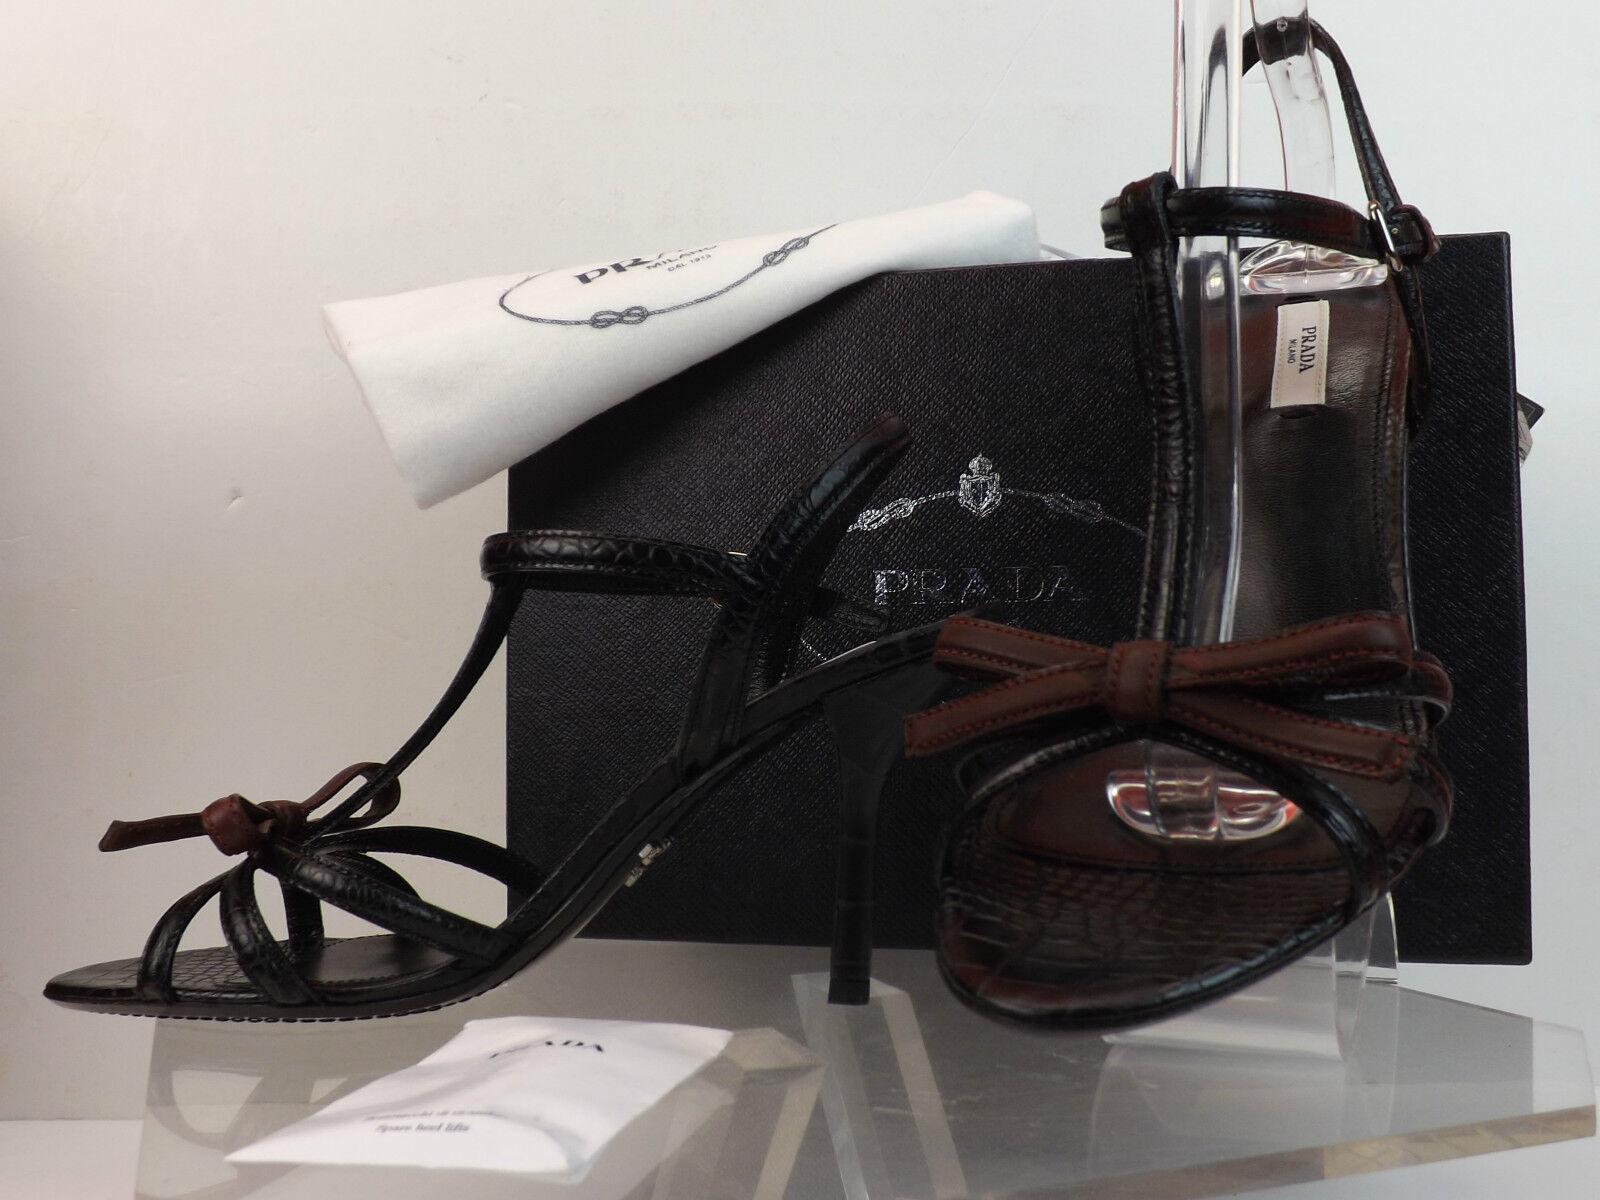 Negro De Cuero Estampado De De De Cocodrilo Nuevo en Caja Prada Borgoña Arco Sandalias Bombas 40.5  700  buscando agente de ventas